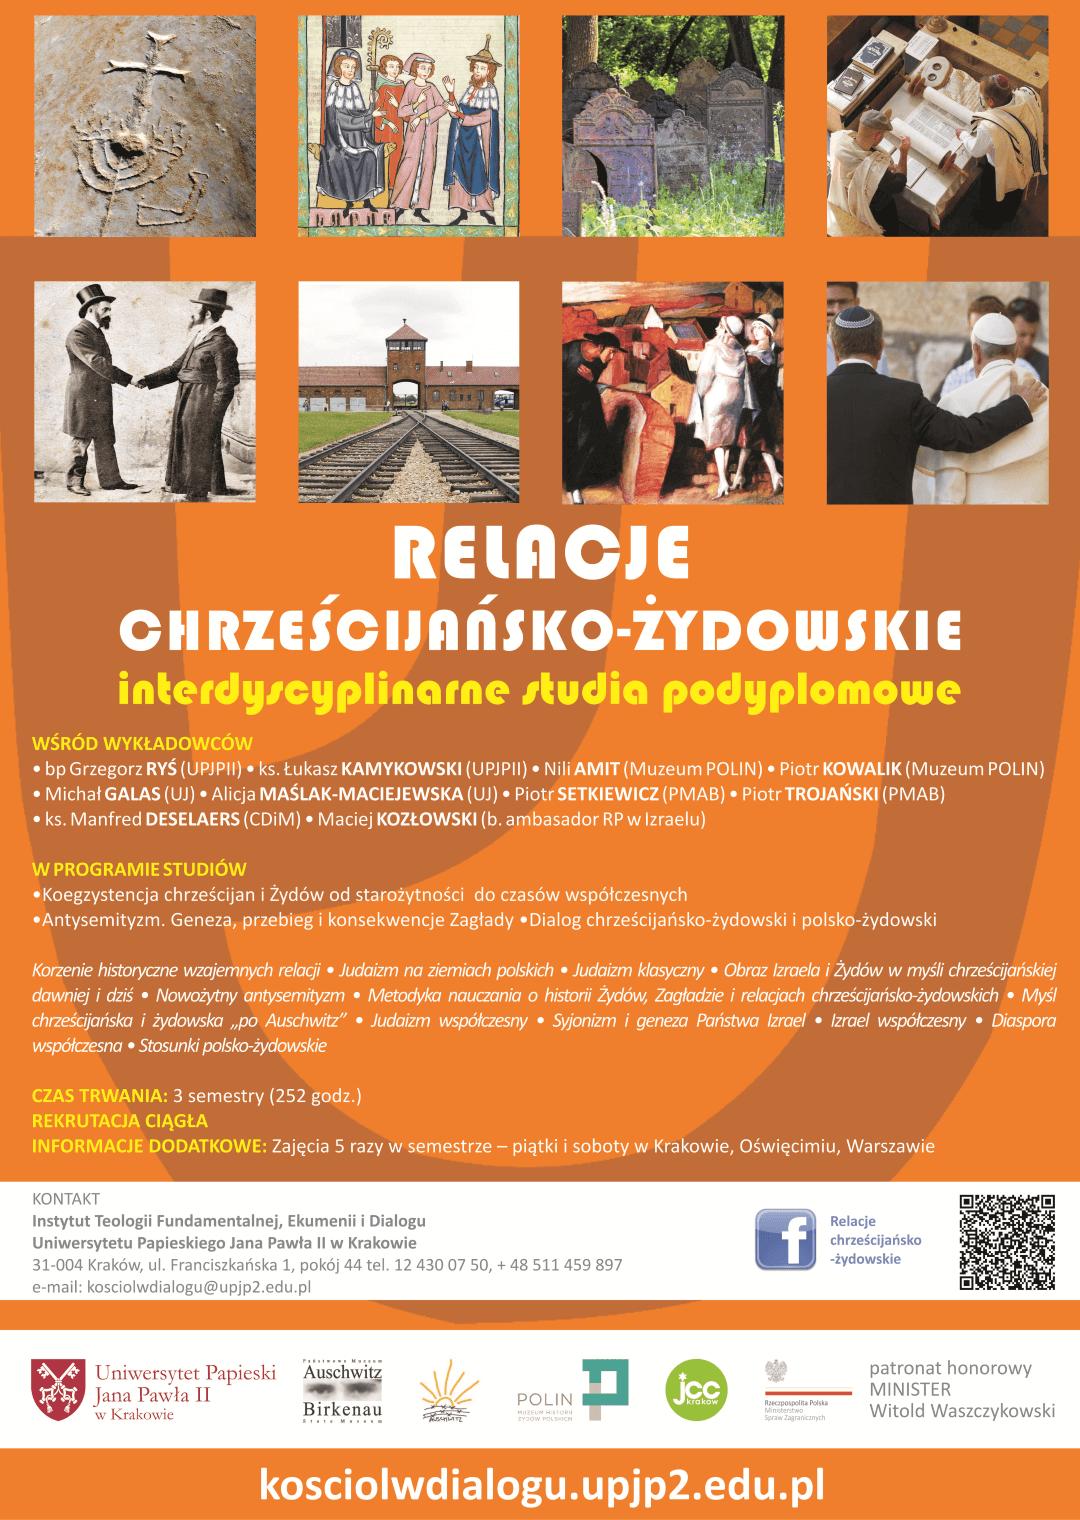 plakat-relacje-chrzescijansko-zydoskie-studia-podyplomowe